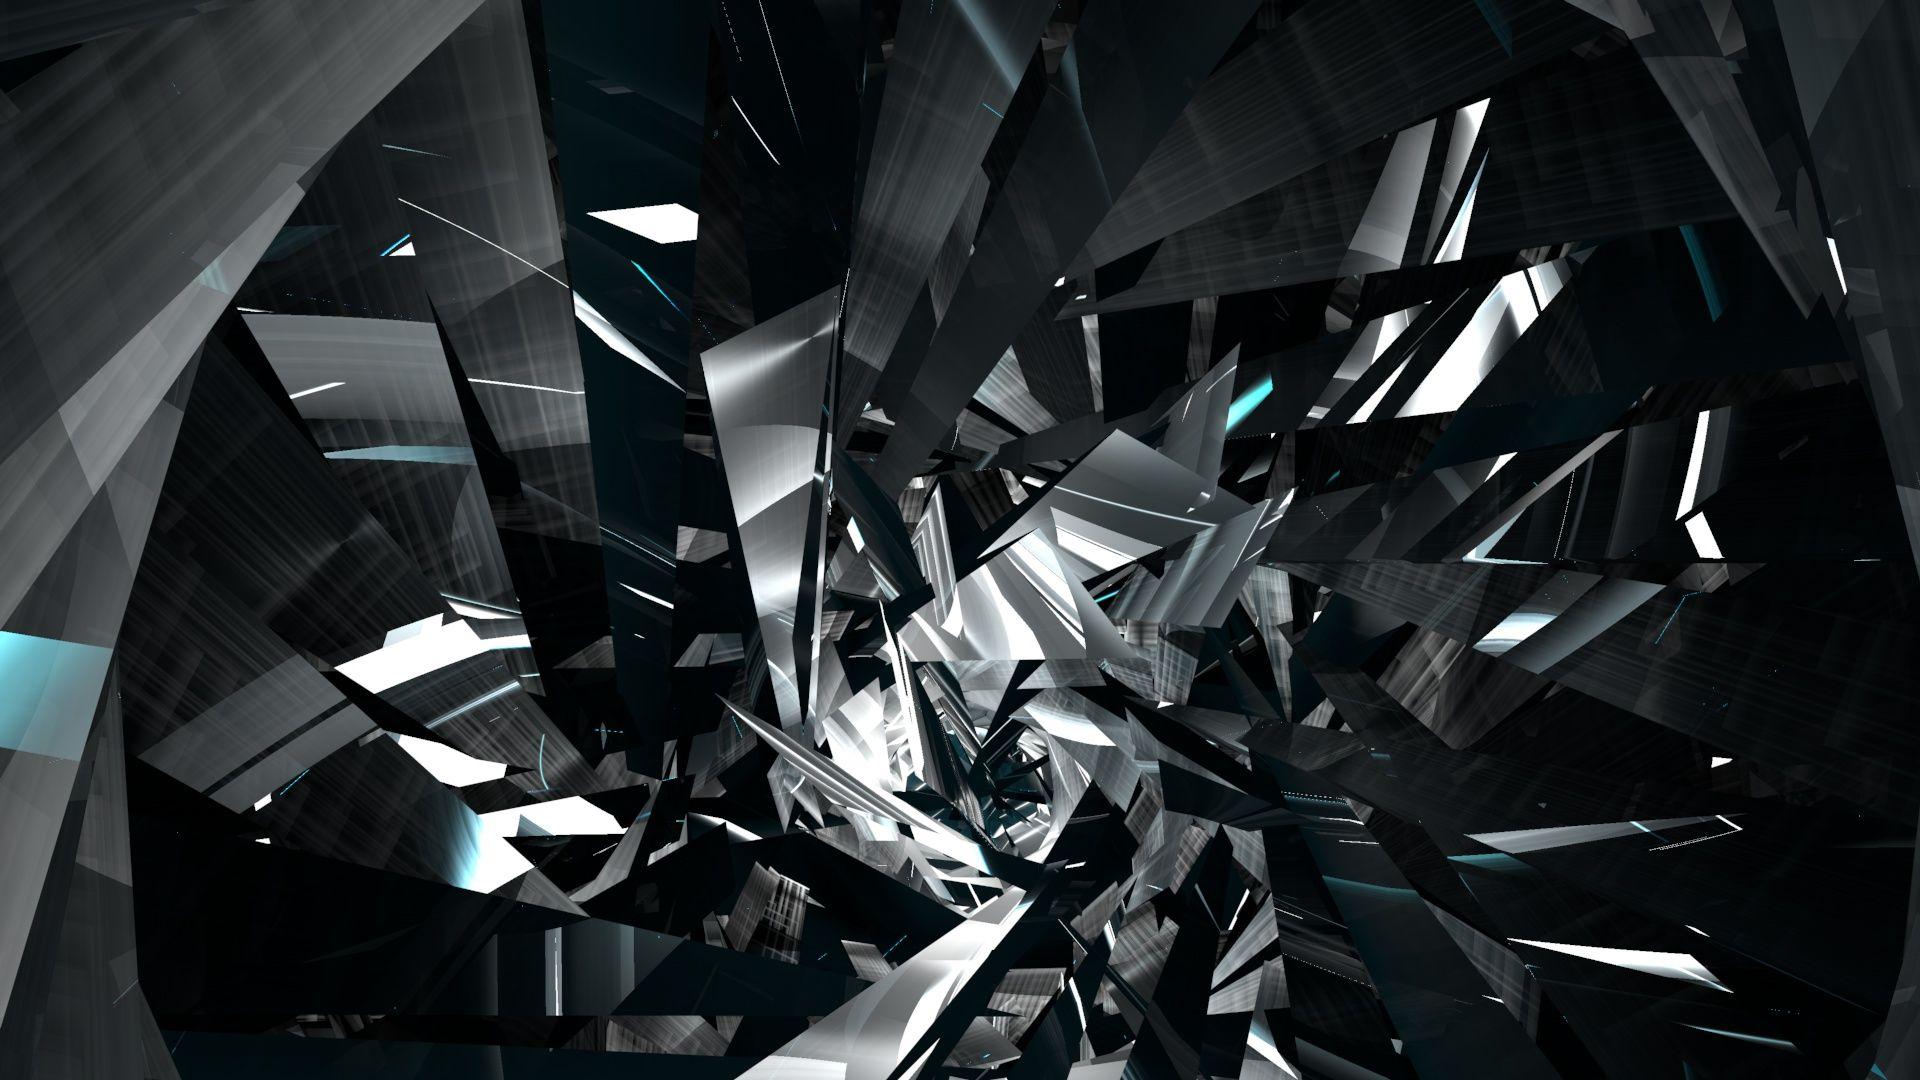 Shattered Glass Wallpaper 2 Shattered Glass Glass Building Wallpaper